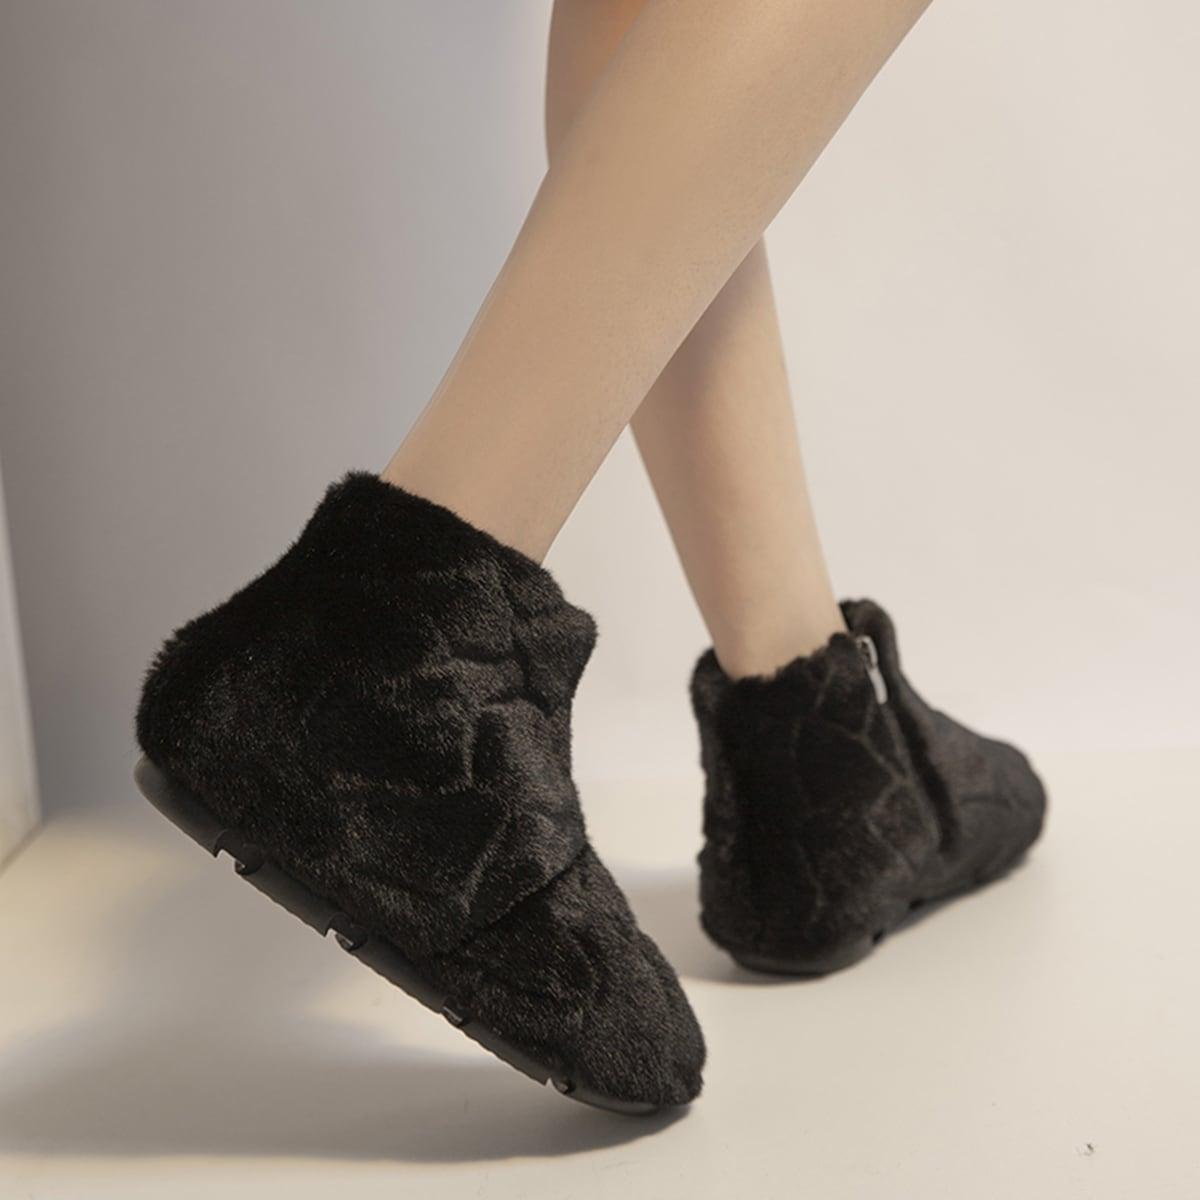 SHEIN / Minimalistische flauschige Stiefel mit Reißverschluss